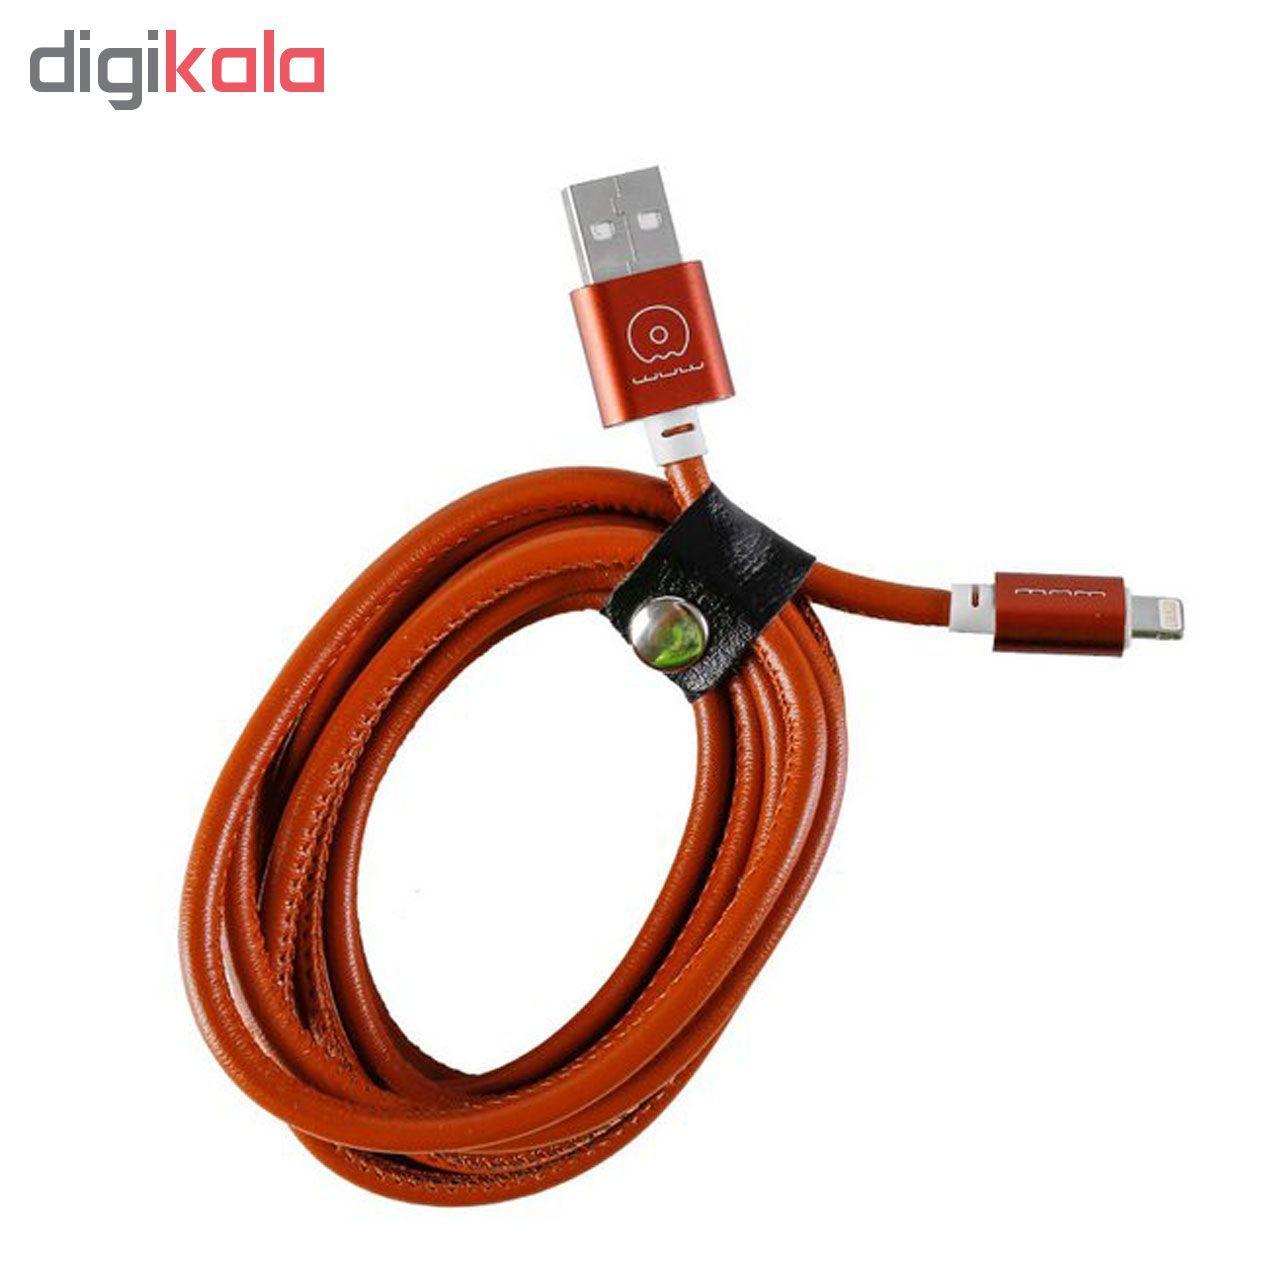 کابل تبدیل USB به microUSB دبلیو یو دبلیو مدل x01 طول 1 متر main 1 3